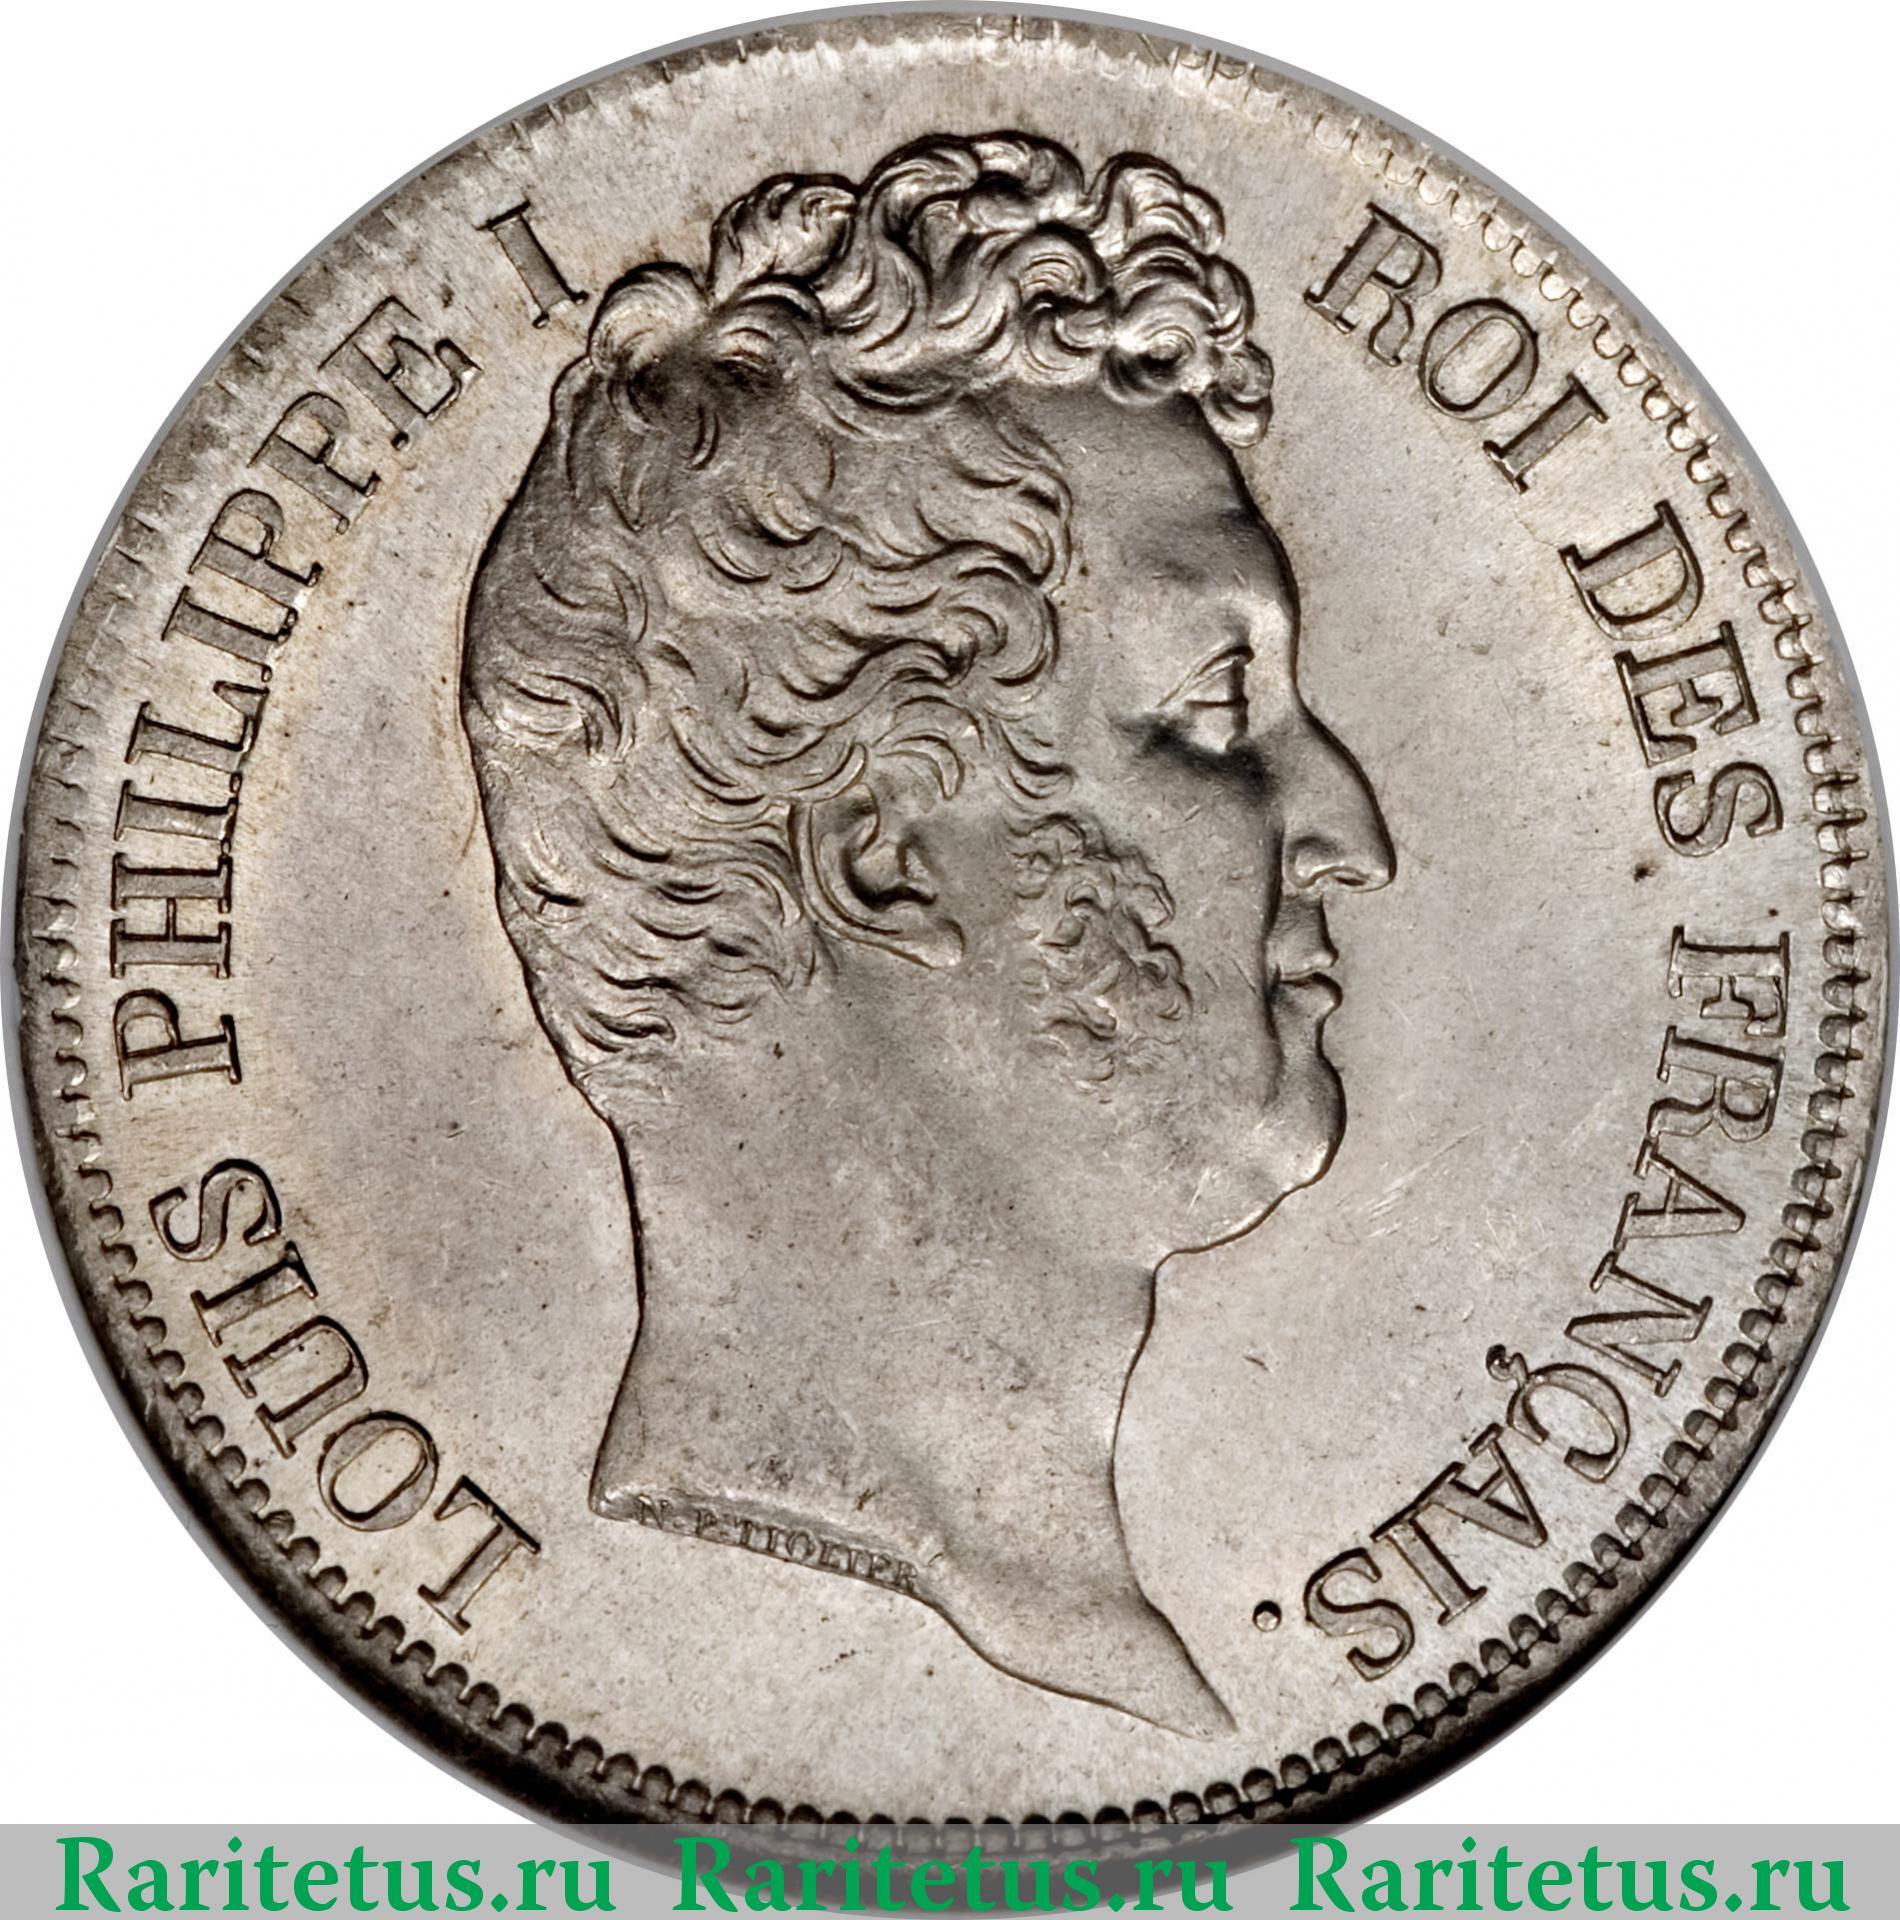 Монета 5 франков франция редкие монеты 2013